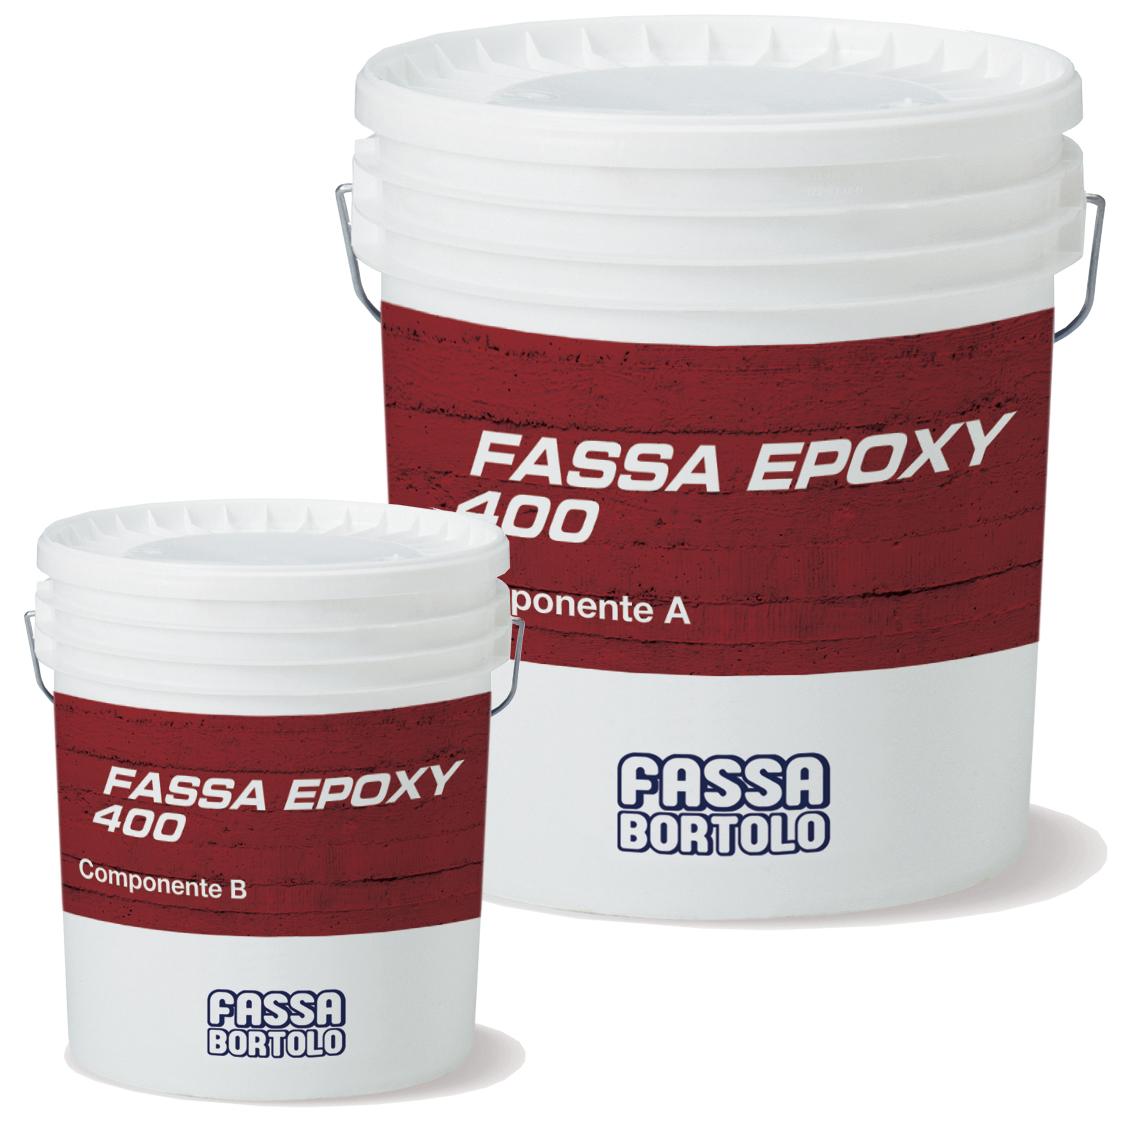 FASSA EPOXY 400: Estuque epóxi para a regularização de superfícies, a colagem estrutural e para a realização de sistemas de reforço FASSAPLATE CARBON SYSTEM